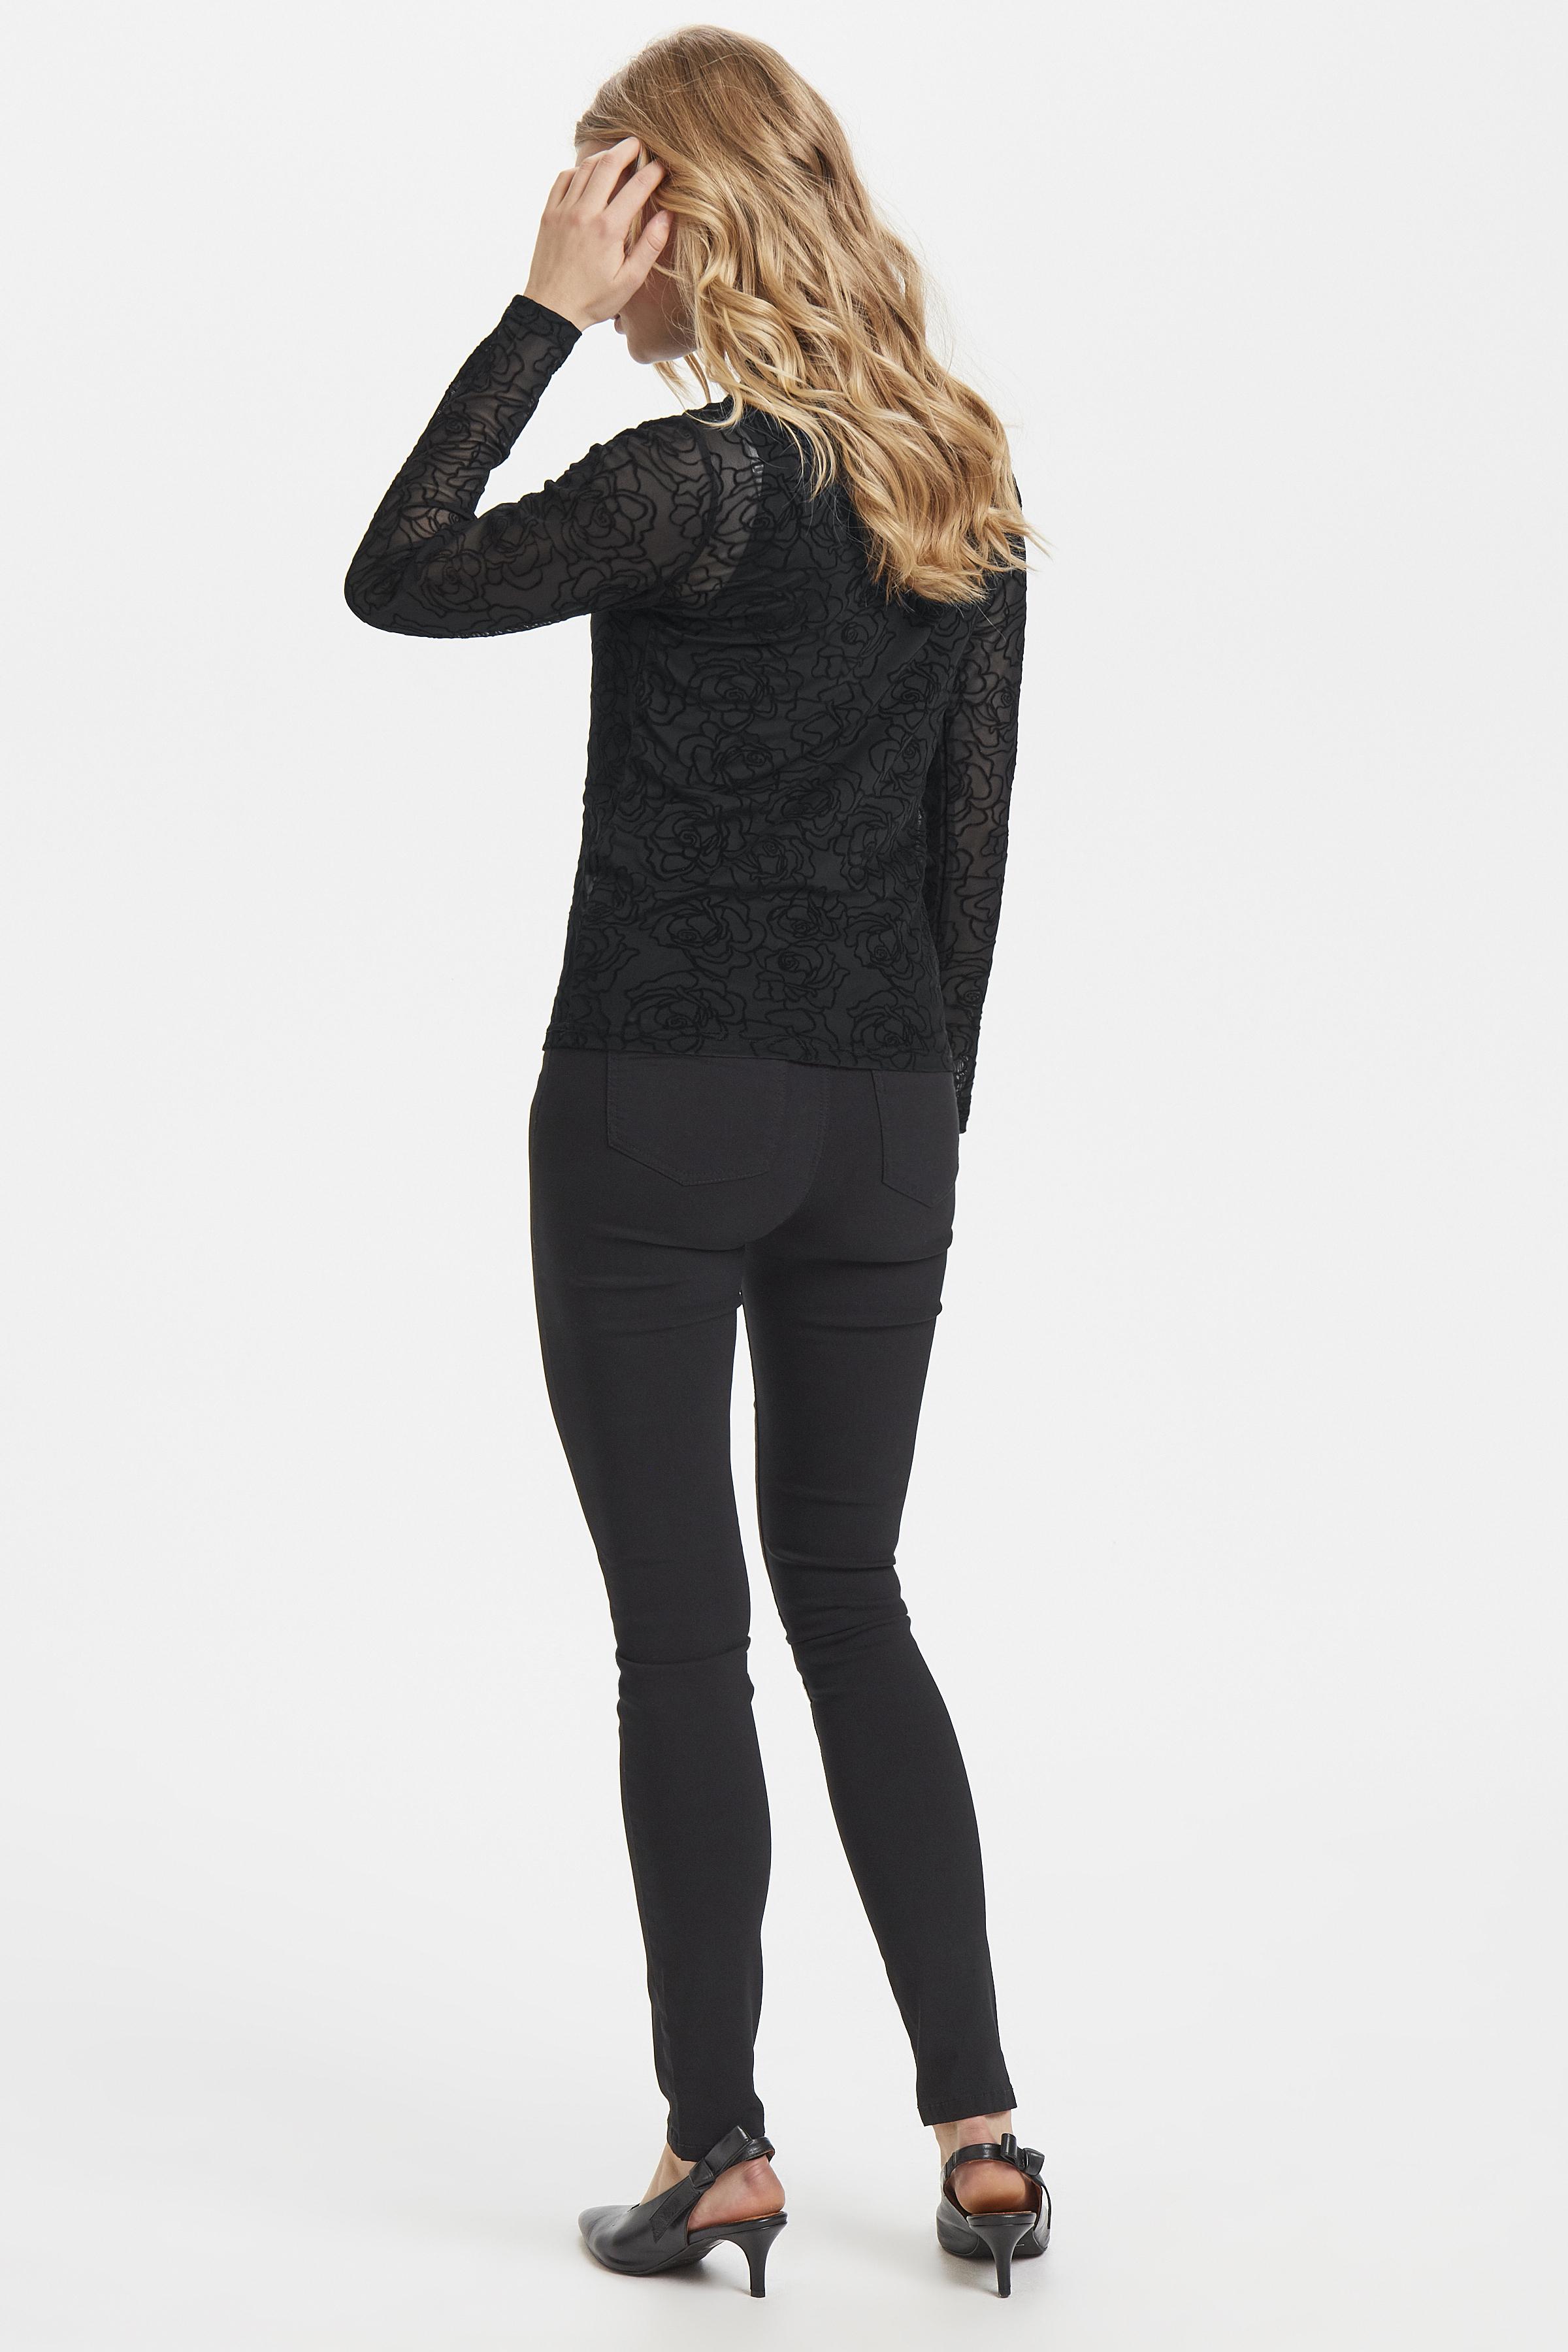 Black rose Combi 2 Blouse met lange mouwen van b.young – Koop Black rose Combi 2 Blouse met lange mouwen hier van size XS-XXL